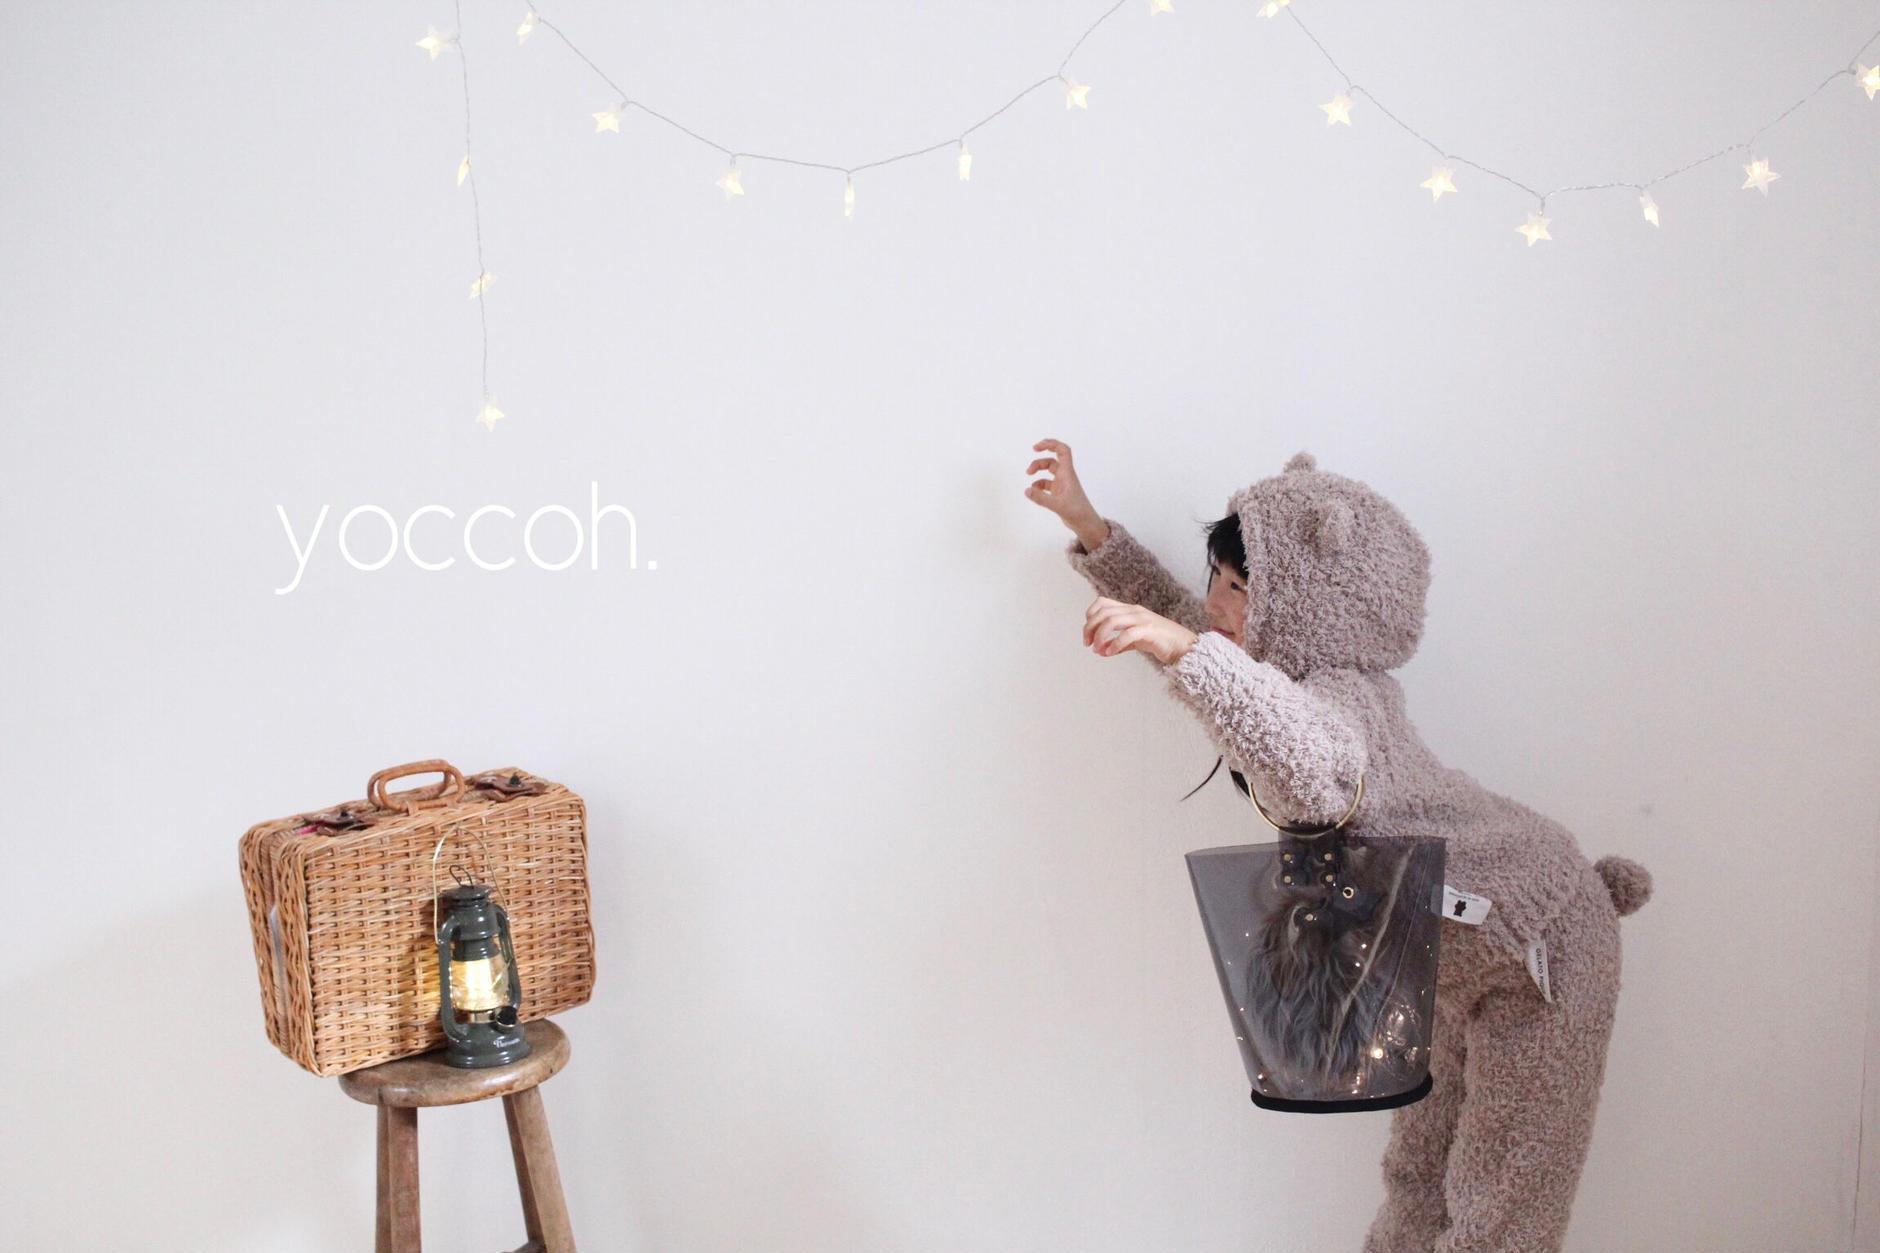 yoccoh.